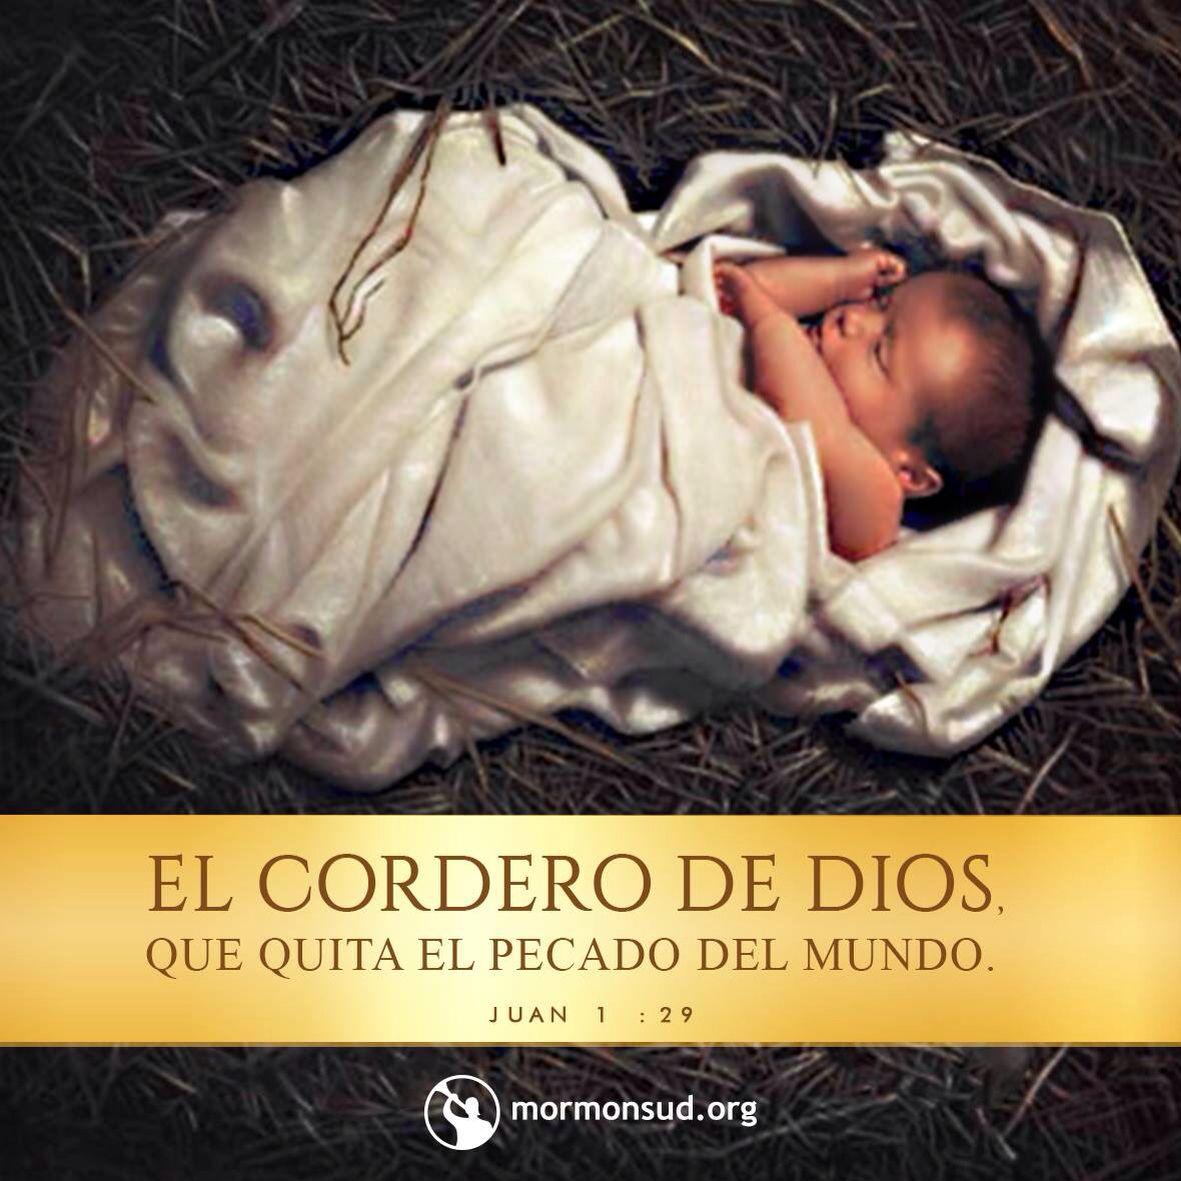 He aquí el Cordero de Dios, que quita el pecado del mundo! Juan 1:29 ...